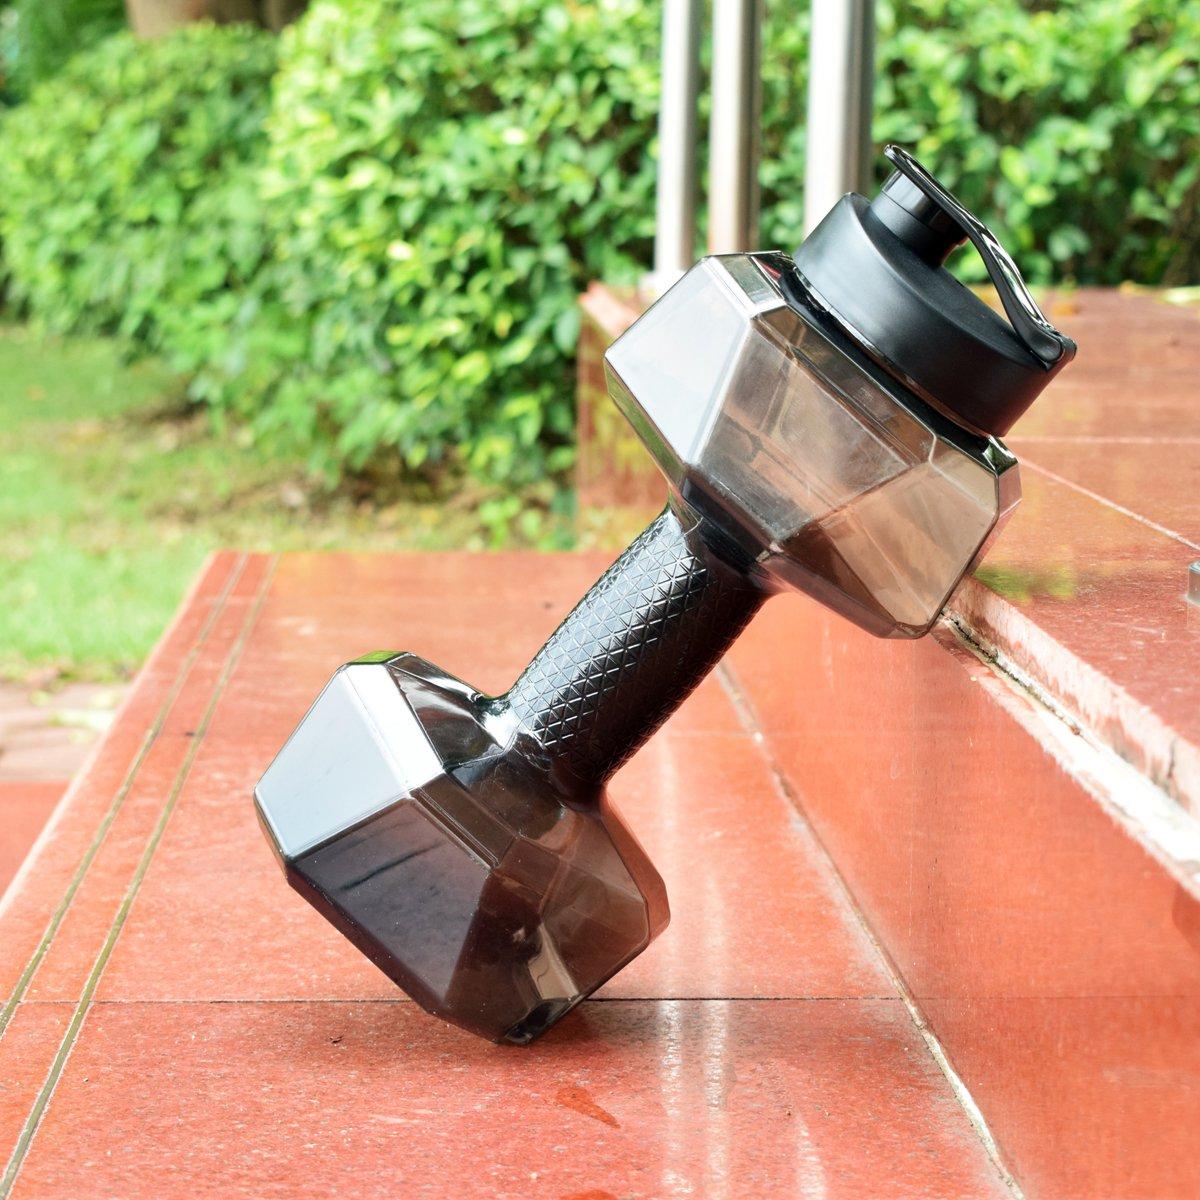 qifei 2.2lダンベル形状水ボトルのボディビルディング、PETG環境に優しいスポーツフィットネス練習 B072NB2QKM ブラック